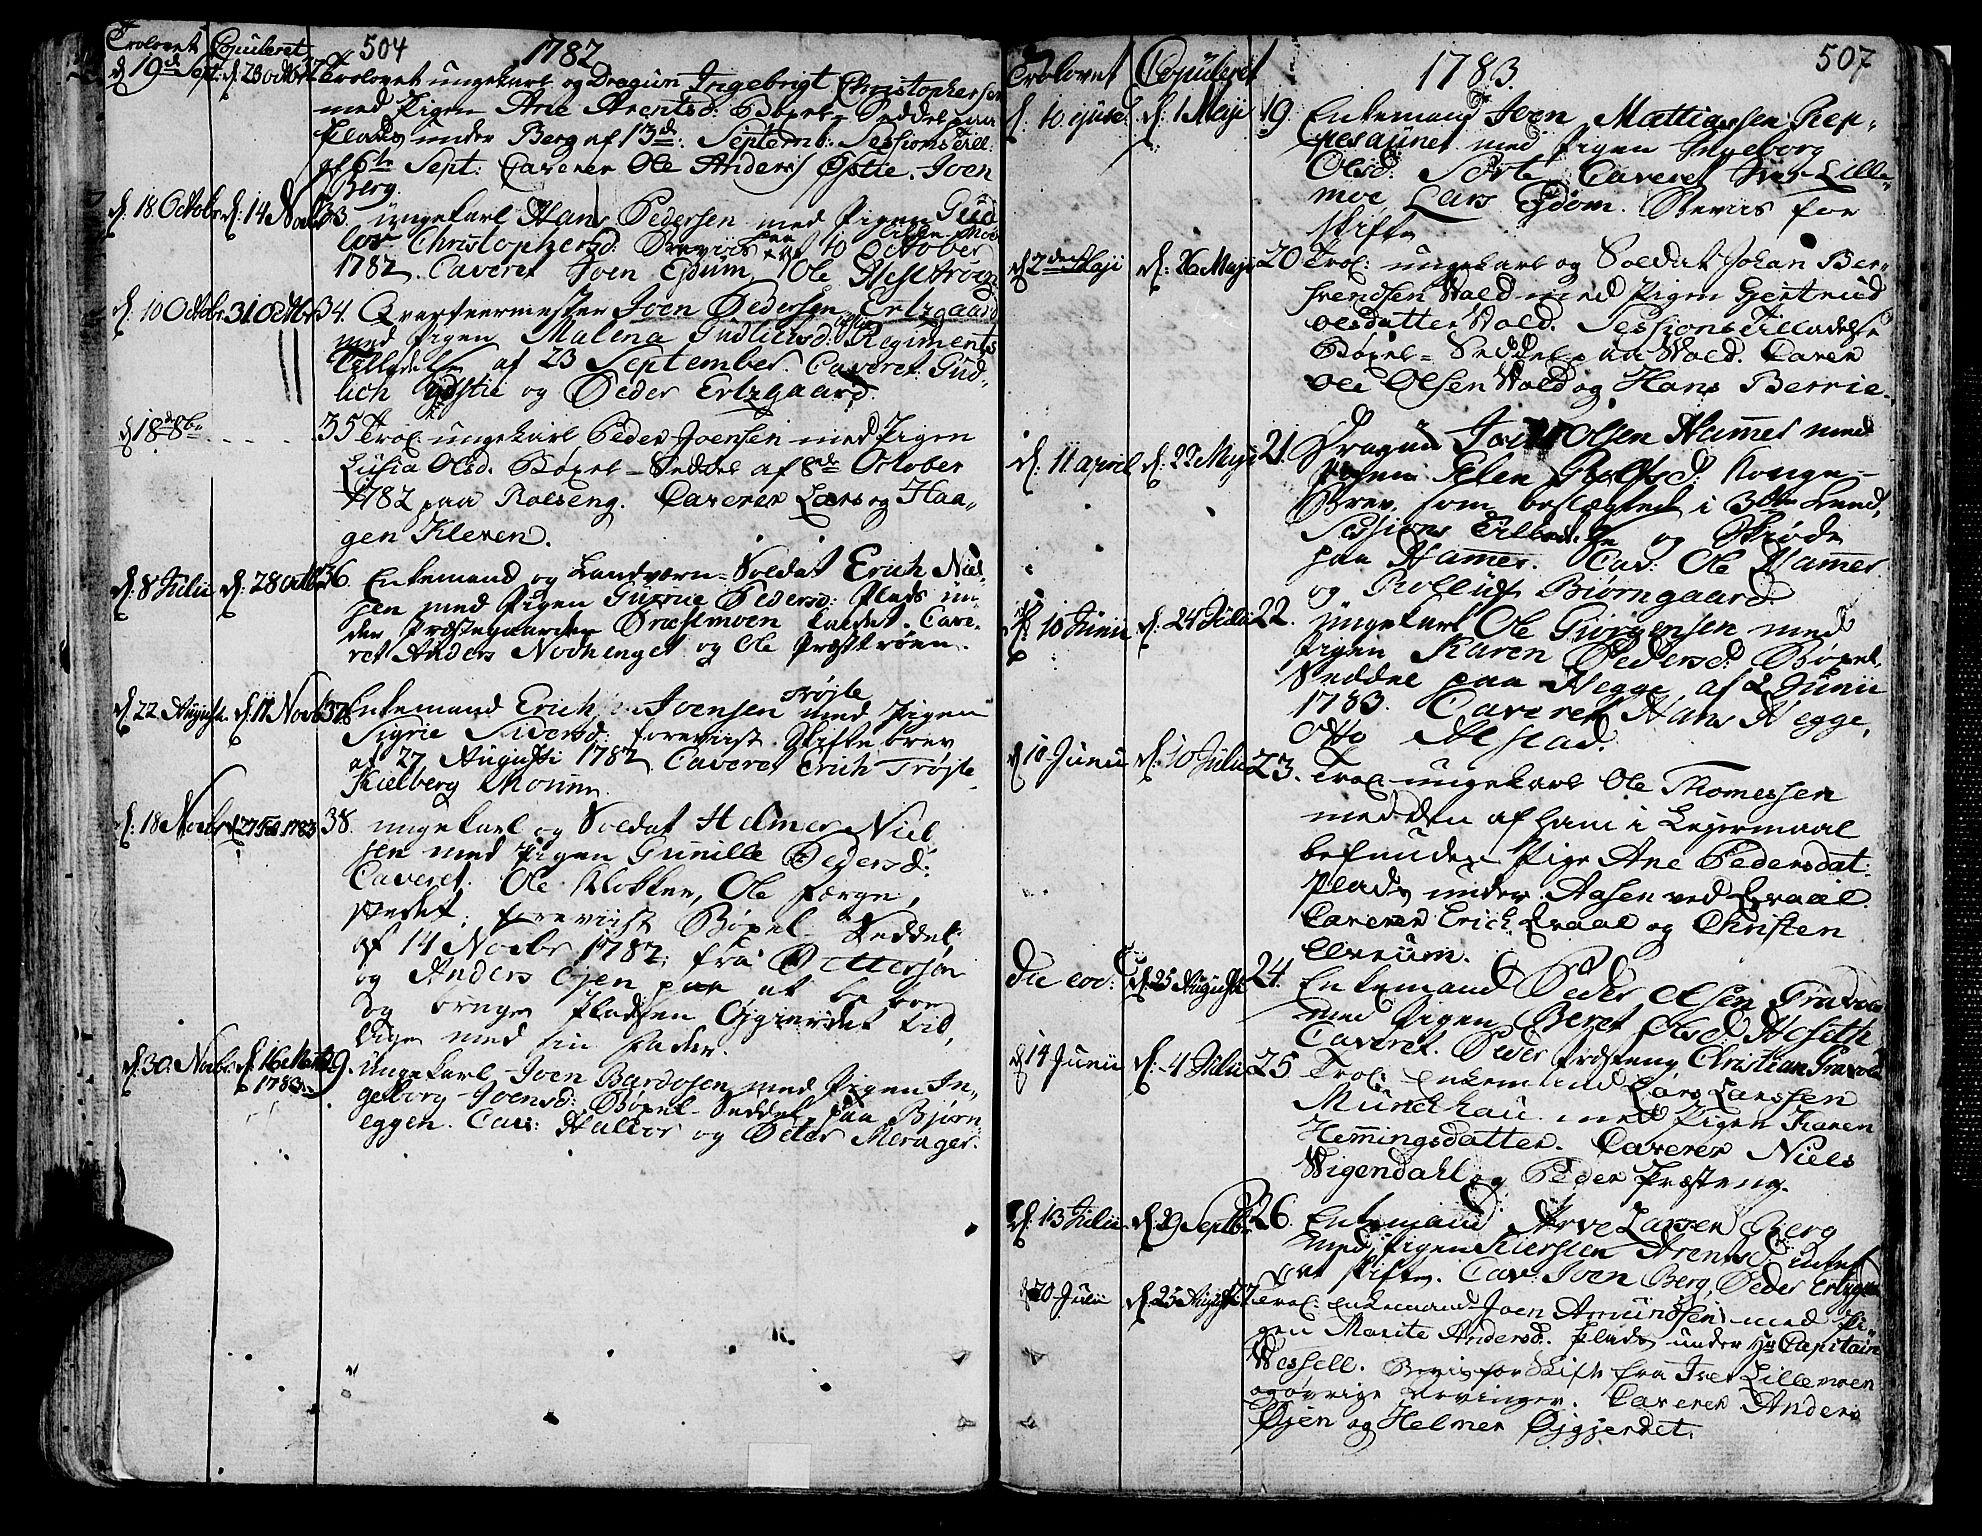 SAT, Ministerialprotokoller, klokkerbøker og fødselsregistre - Nord-Trøndelag, 709/L0059: Ministerialbok nr. 709A06, 1781-1797, s. 504-507